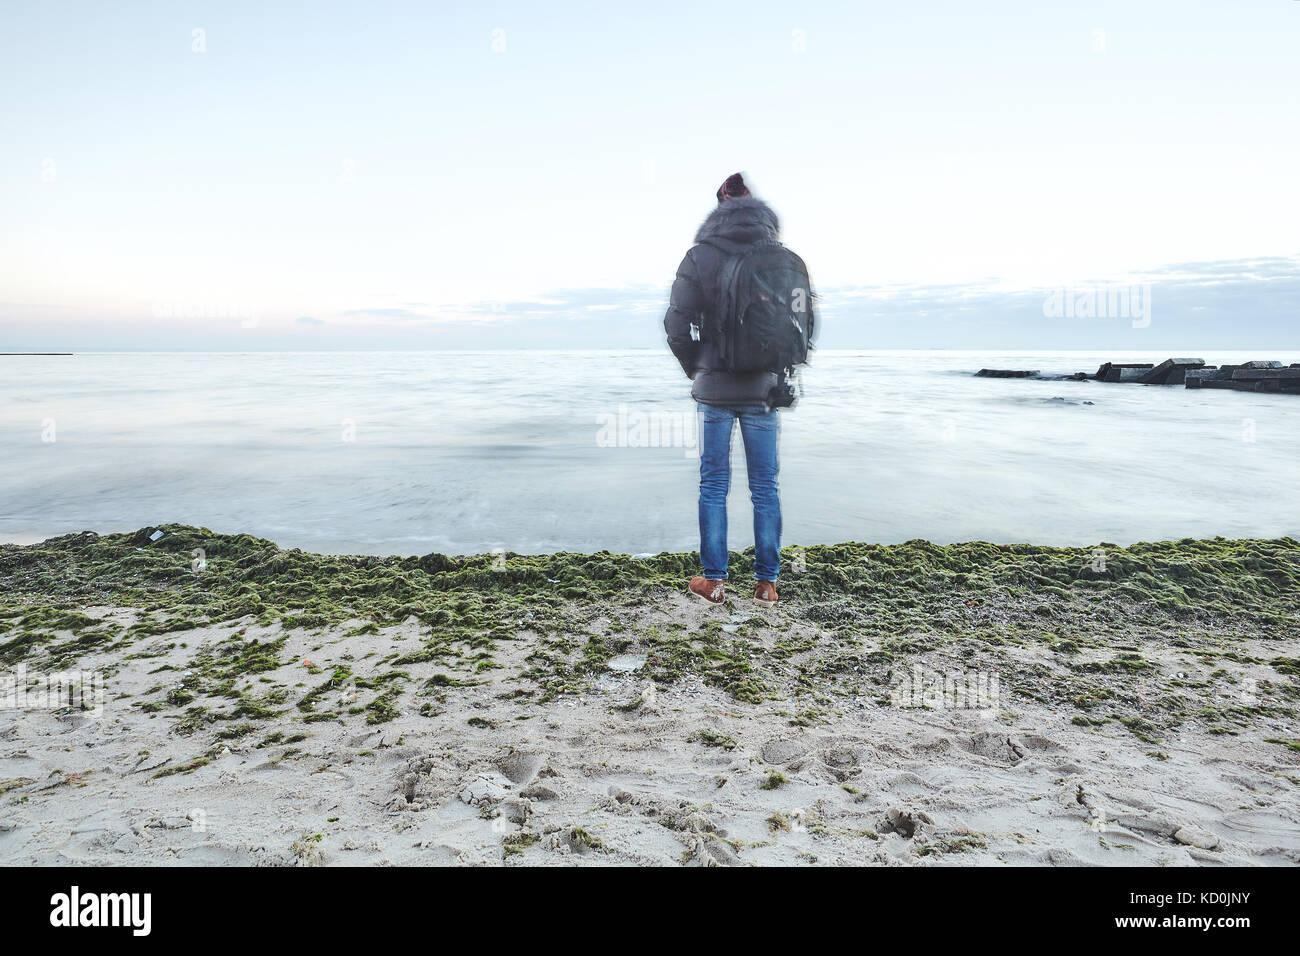 Rückansicht des Menschen am Strand entfernt mit Blick auf das Meer, Odessa, Odessa, Ukraine, Europa Stockbild